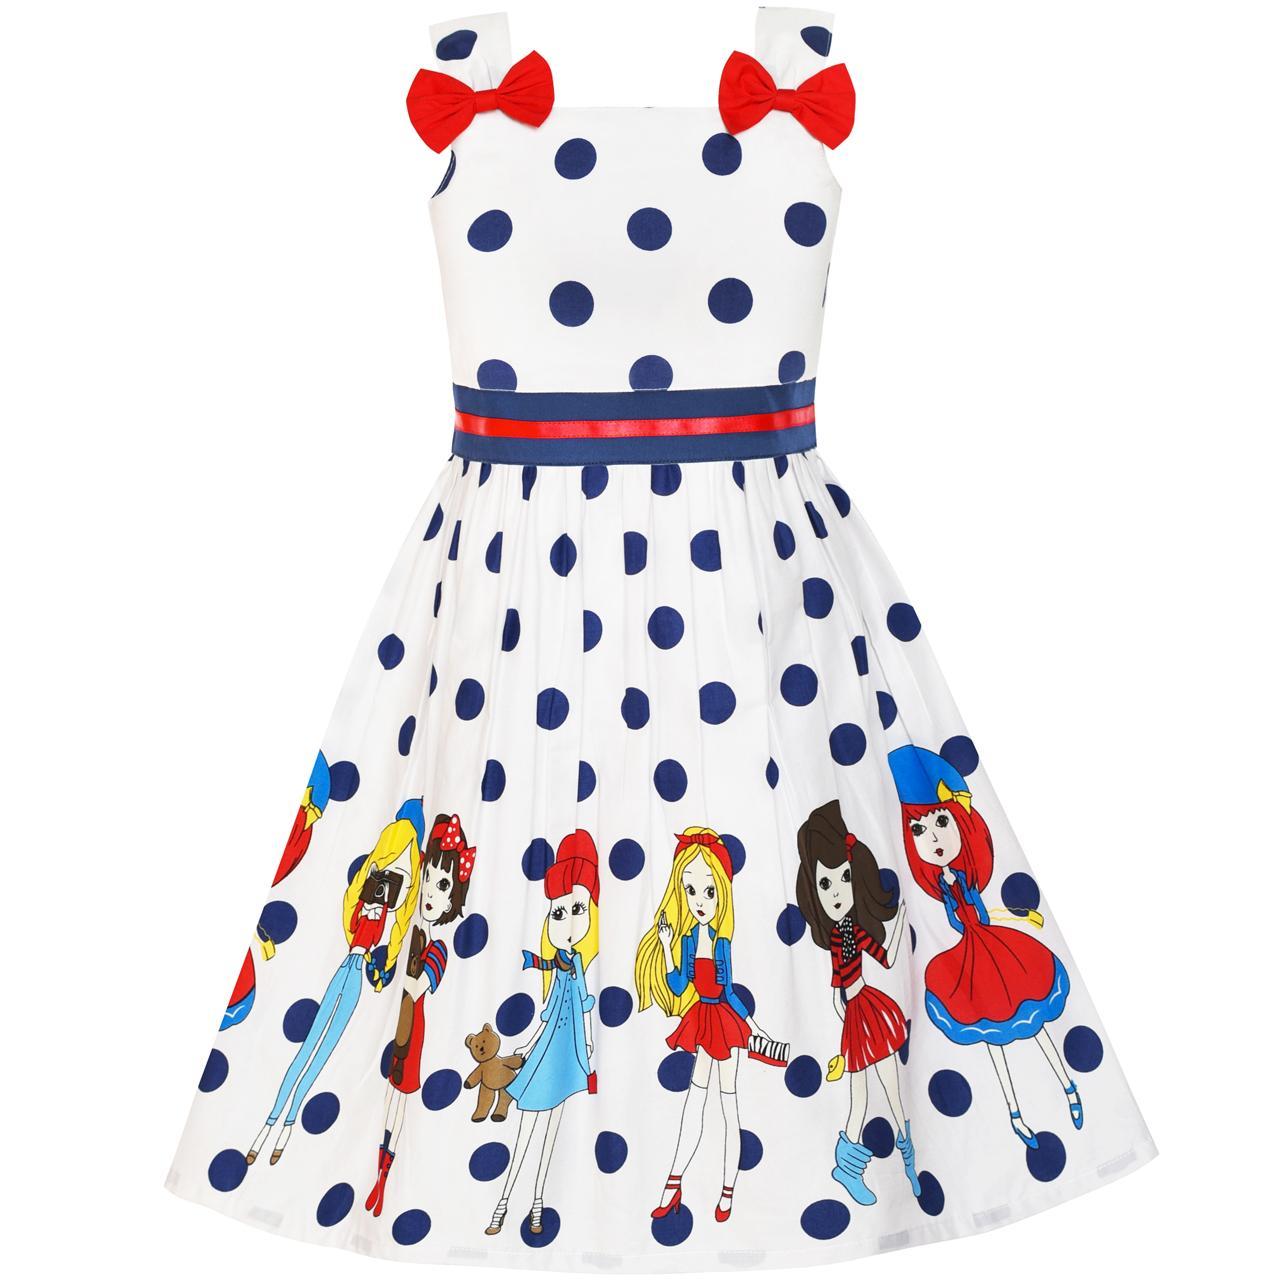 Cartoon Dressing Gown: Girls Dress Cartoon Dot Bow Tie Summer Sundress Cotton